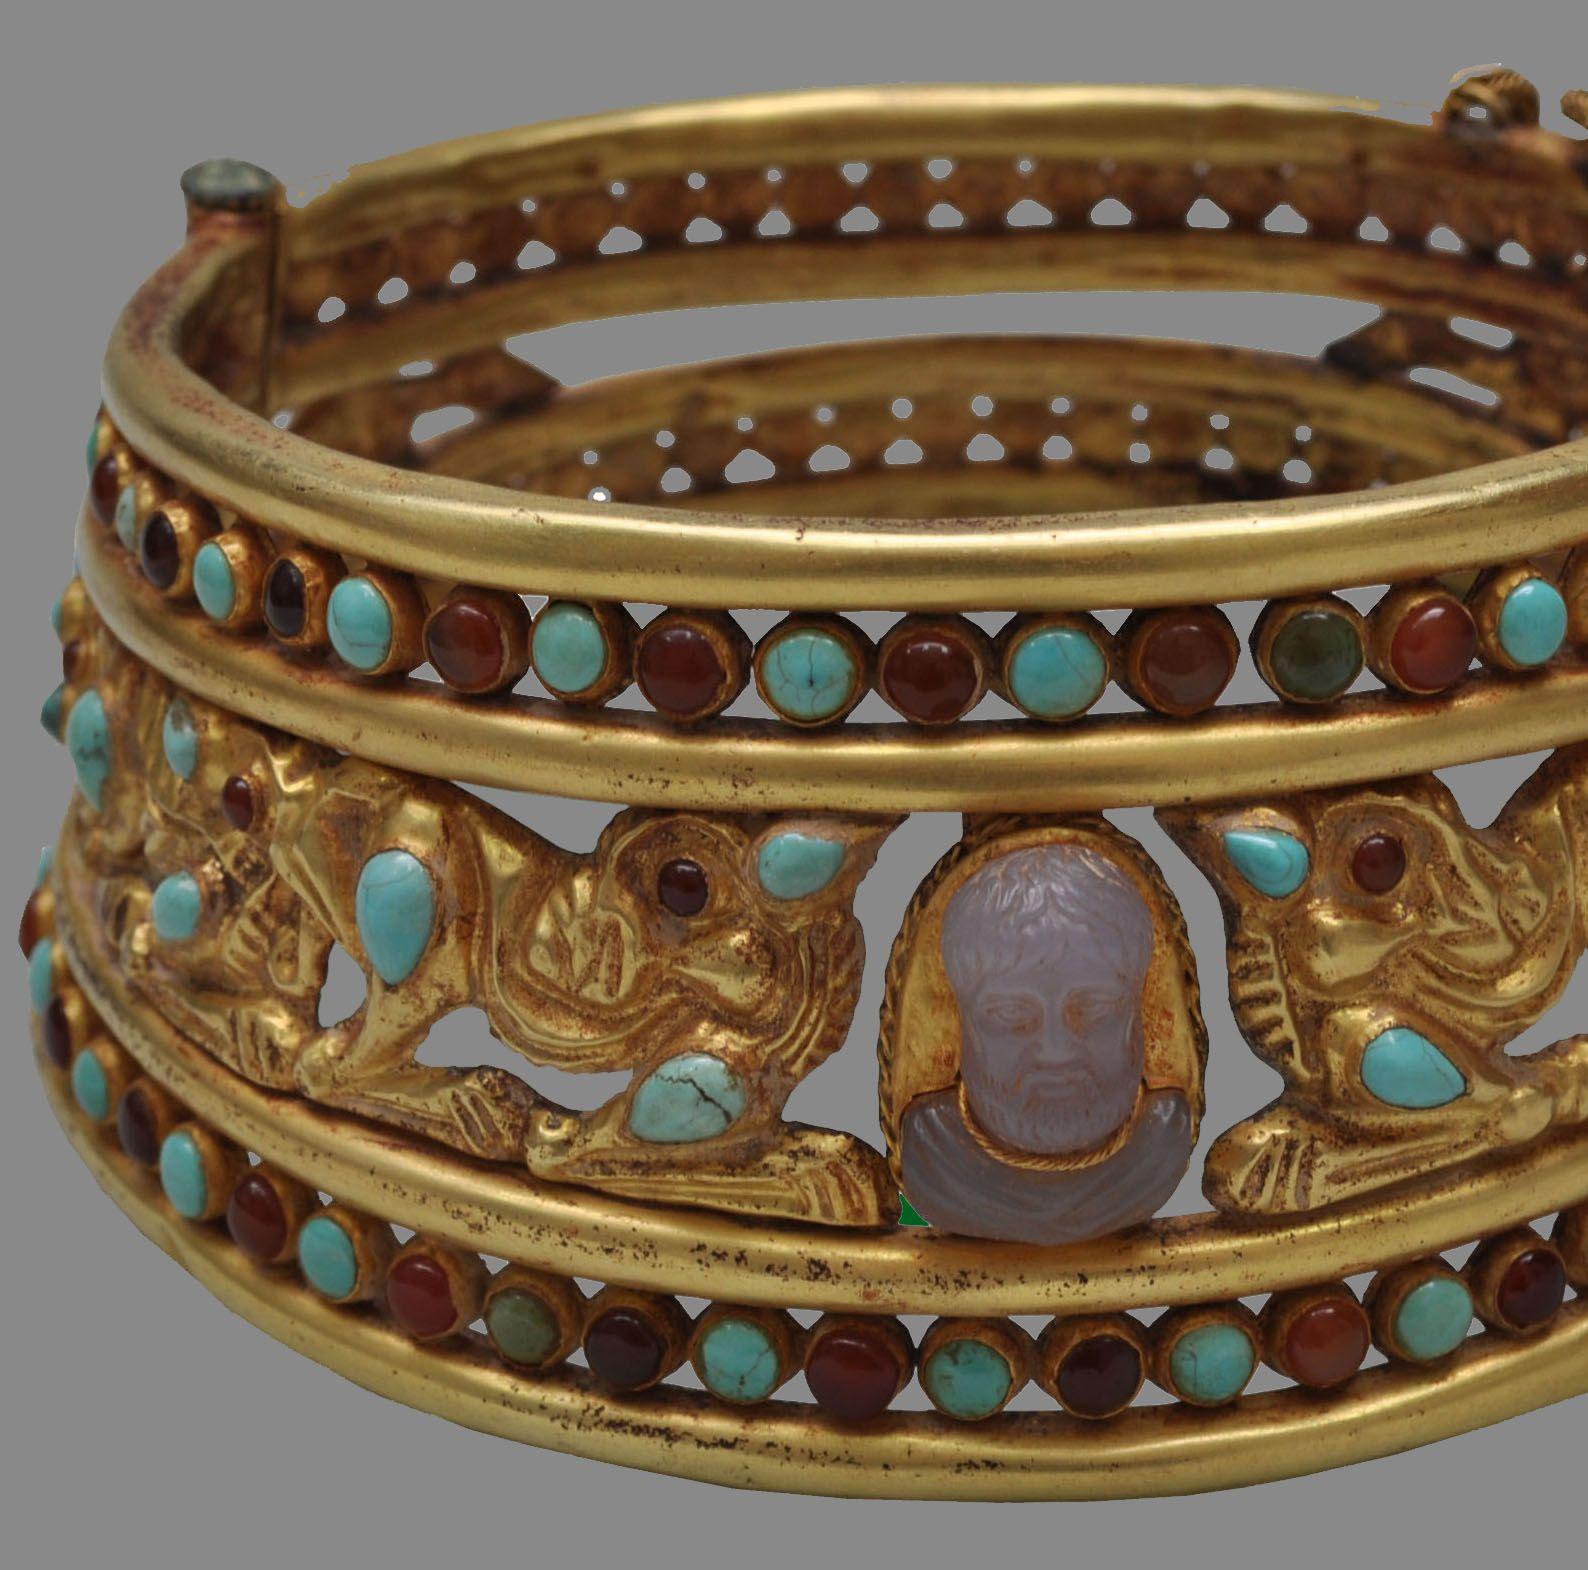 когда есть древнегреческие браслеты фото этот